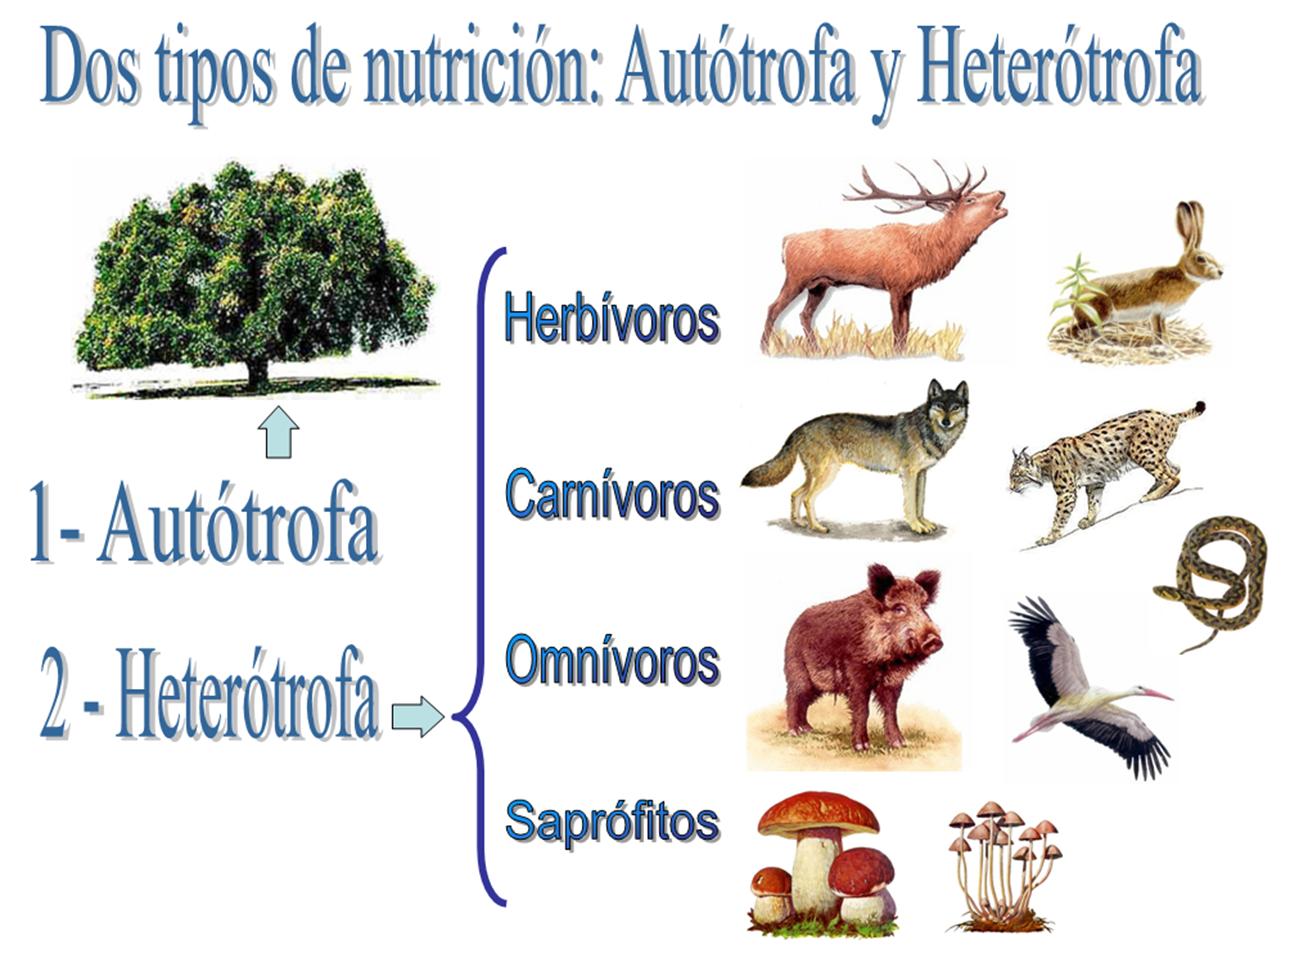 AUTOTROFO Y HETEROTROFO PDF DOWNLOAD